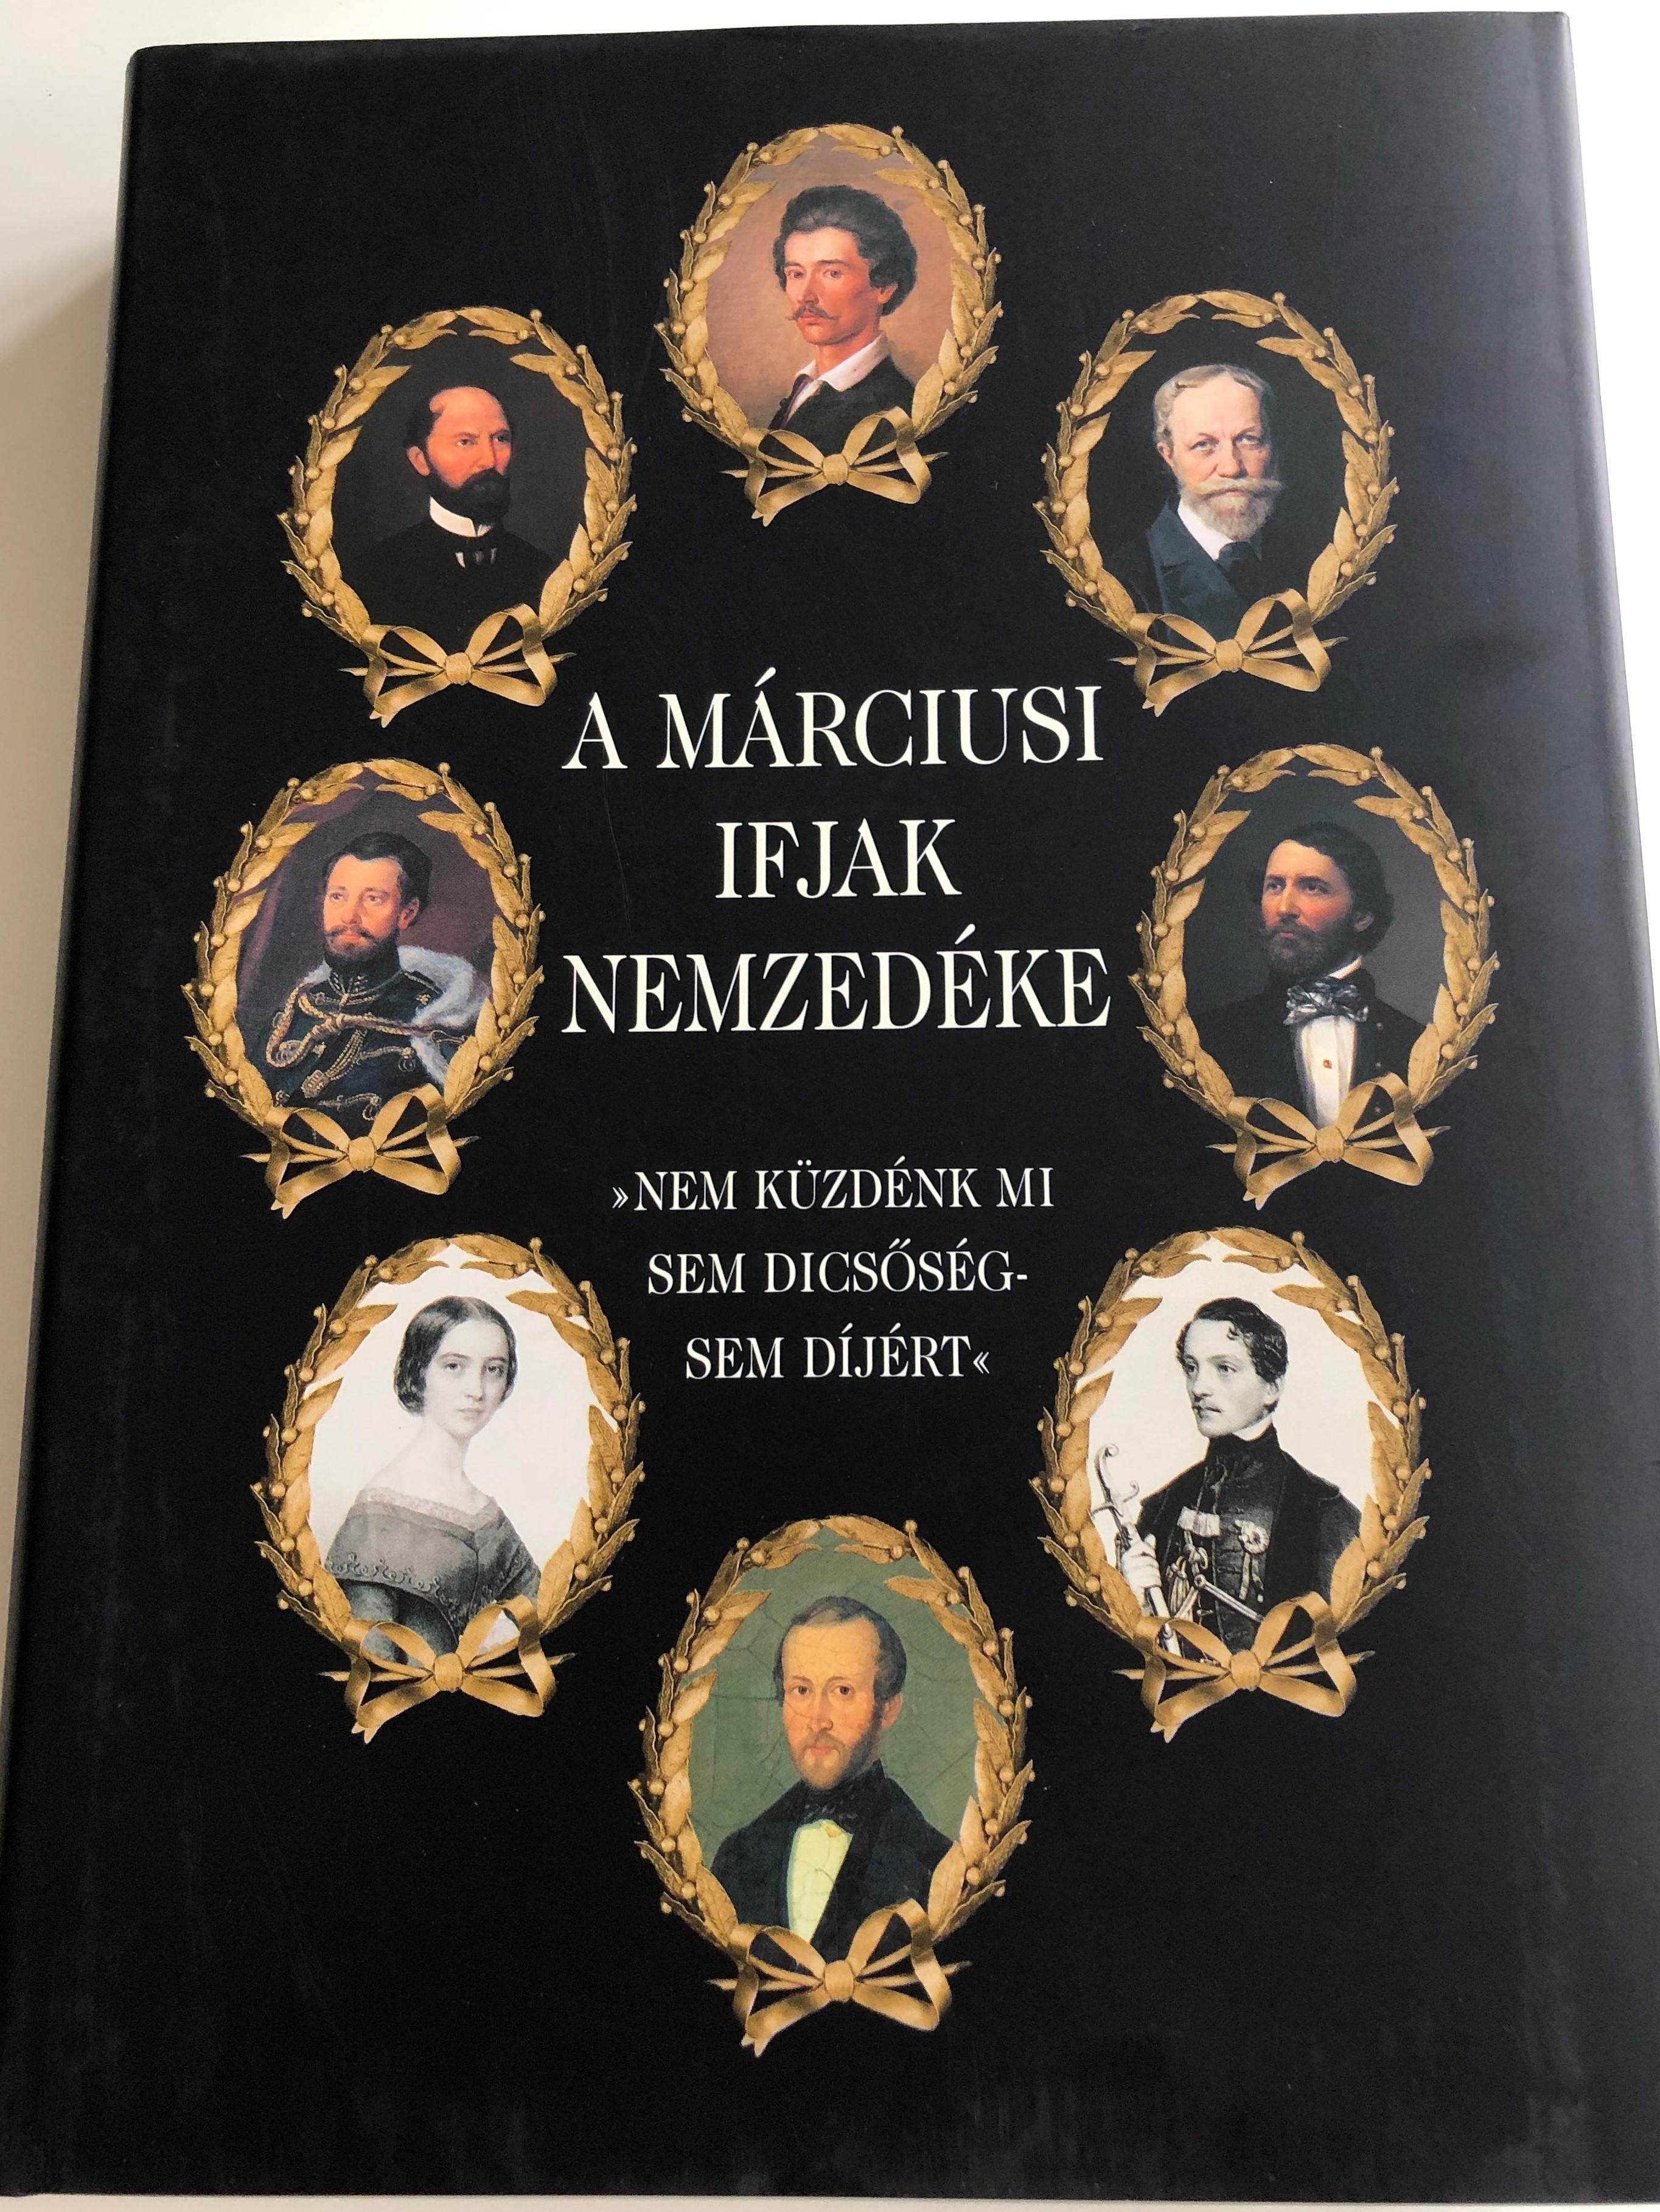 a-m-rciusi-ifjak-nemzed-ke-nem-k-zd-nk-mi-sem-dics-s-g-sem-d-j-rt-acz-l-eszter-basics-beatrix-hermann-r-bert-kalla-zsuzsa-szil-gyi-m-rton-editor-k-rm-czi-katalin-paperback-2000-magyar-nemzeti-m-zeum-1-.jpg